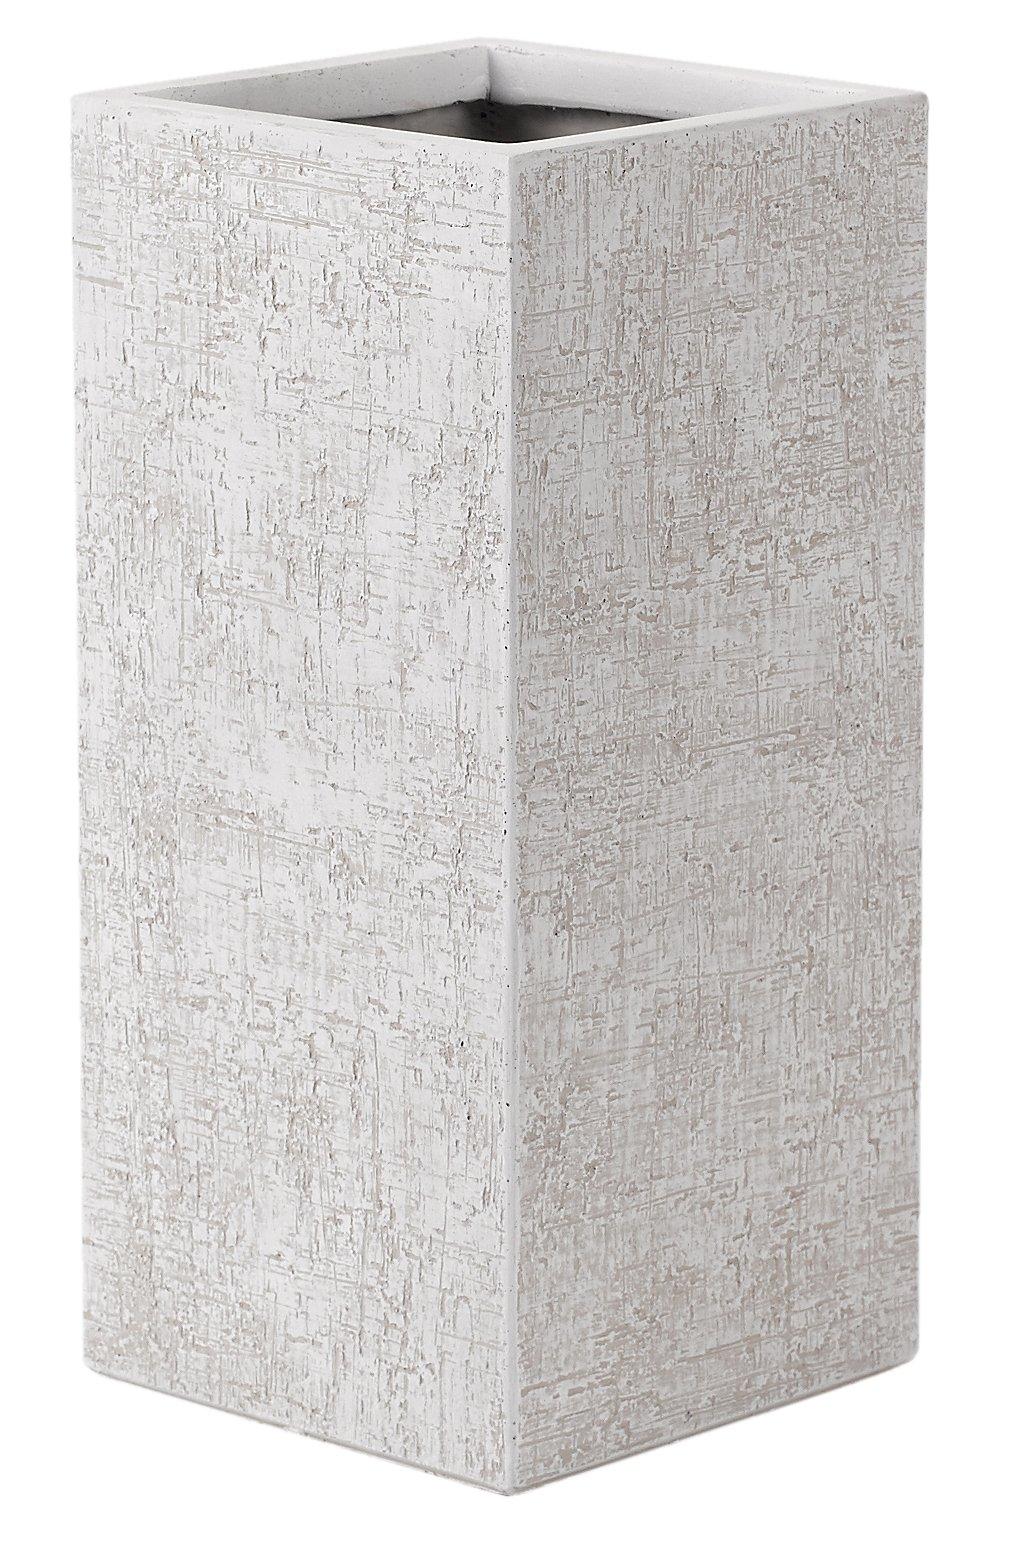 White Square Textured Planter - med